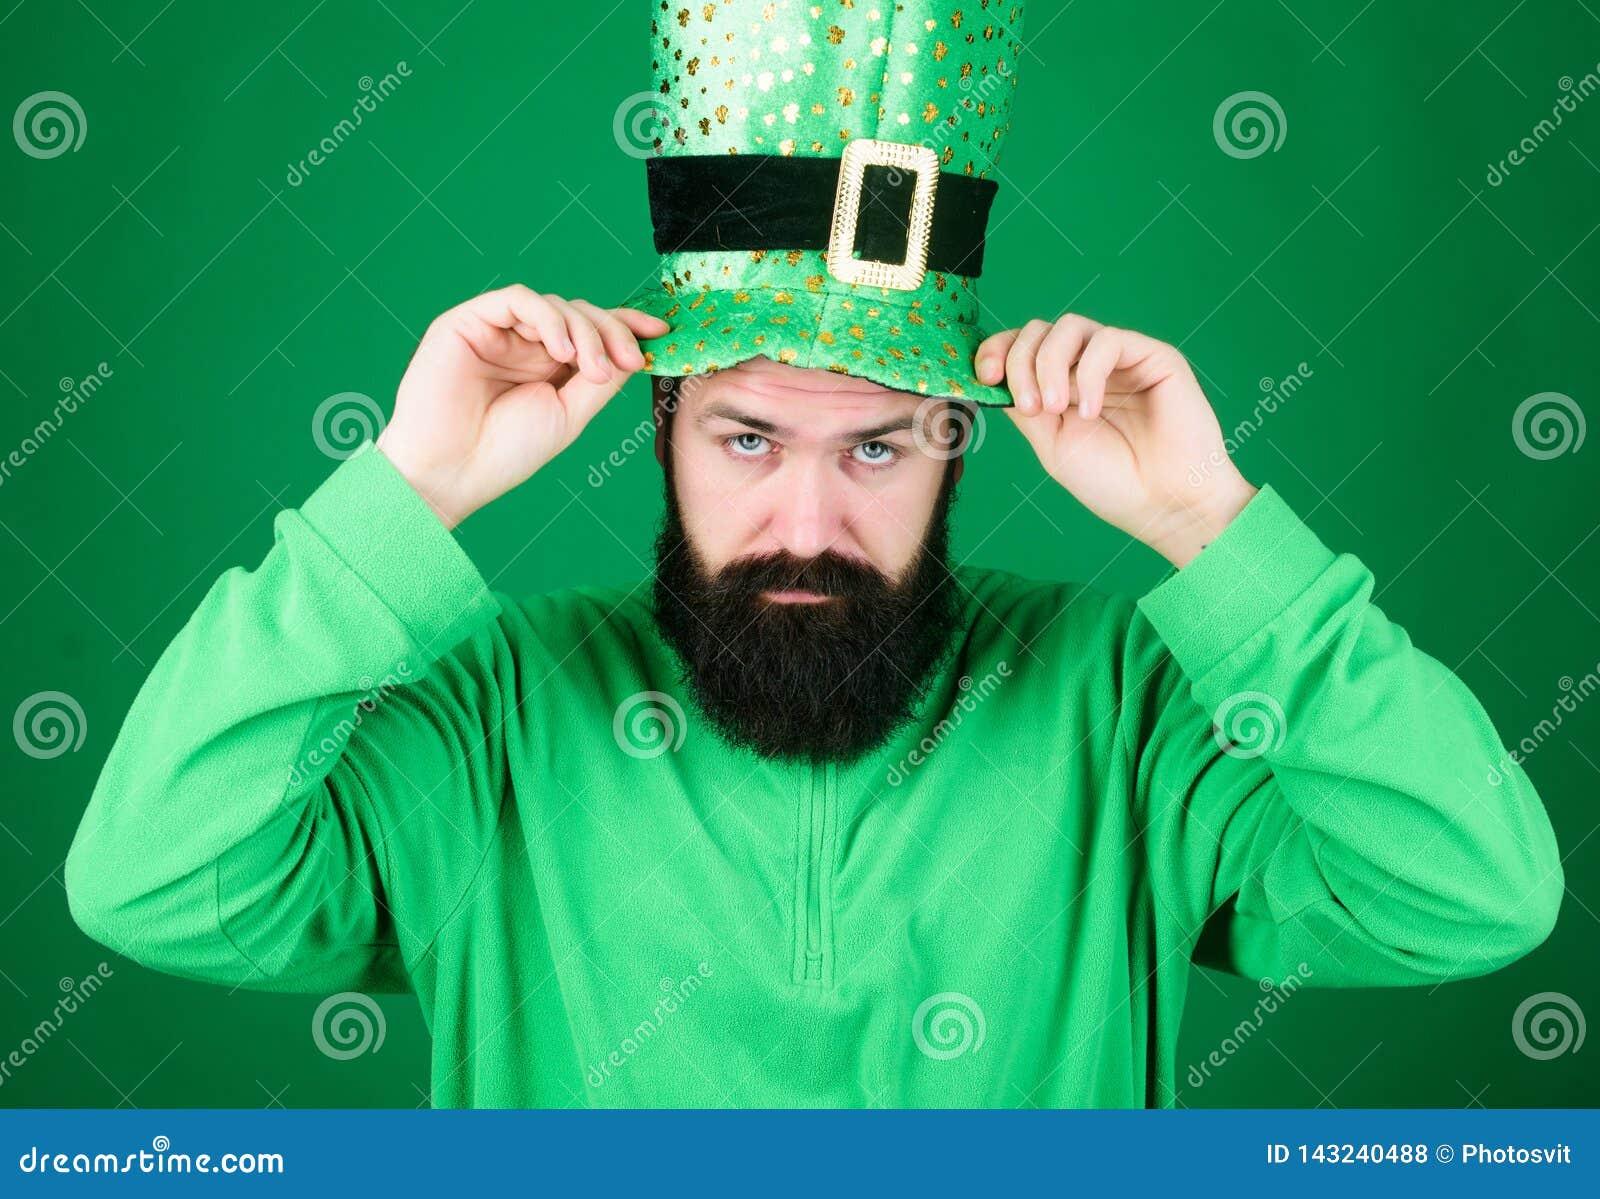 Май везение ирландского с вами Ирландский человек с зеленым цветом бороды нося Хипстер в костюме лепрекона касаясь шляпе